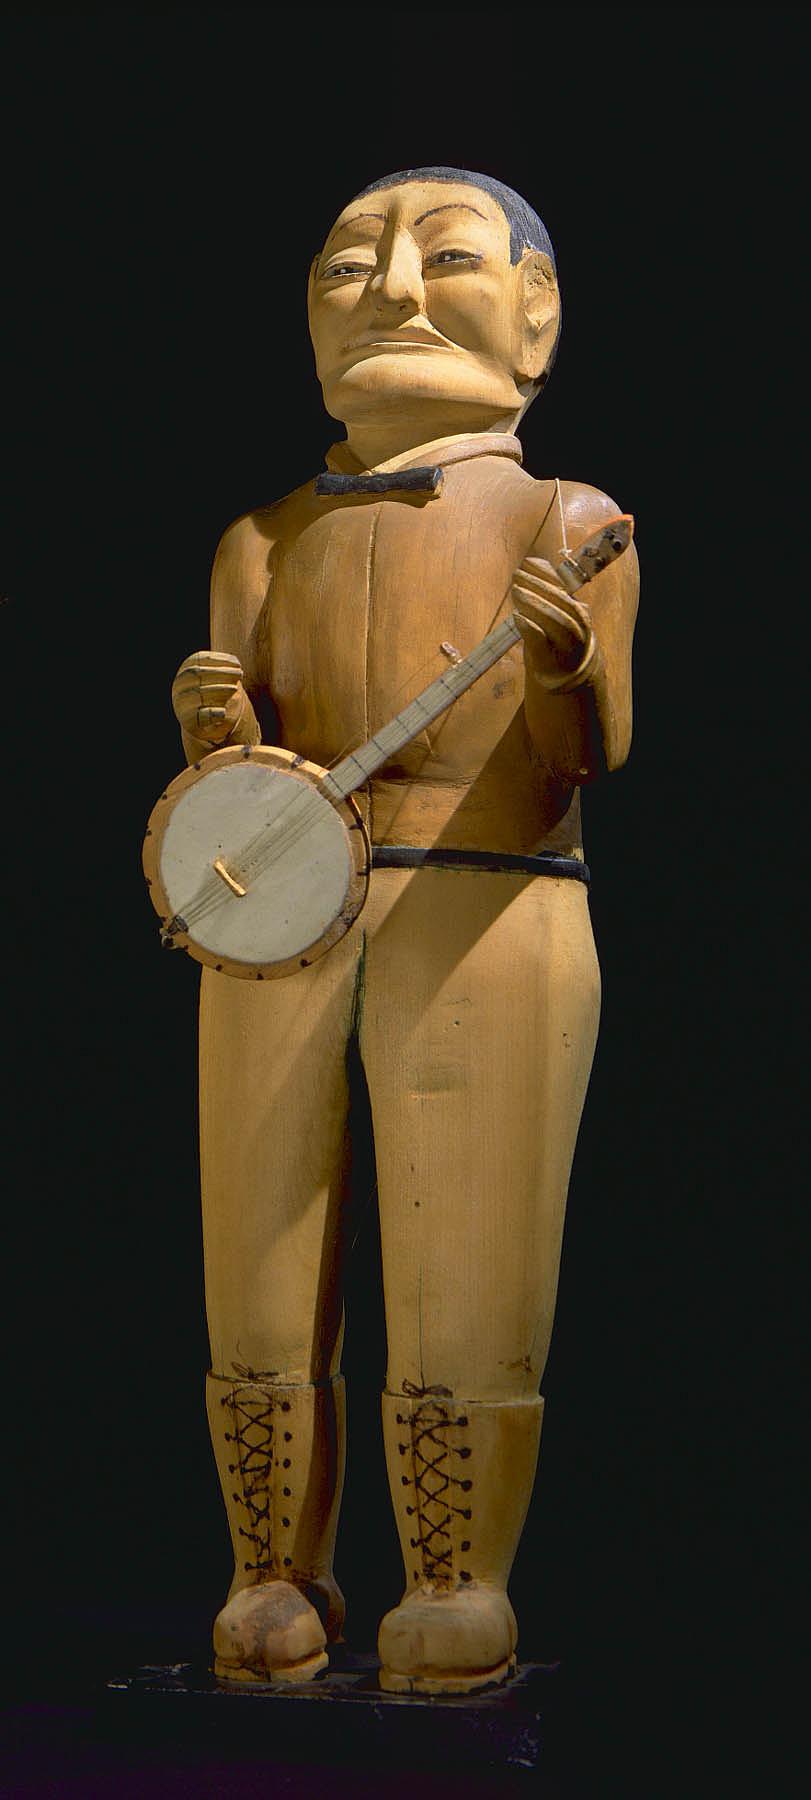 Image for Banjoist